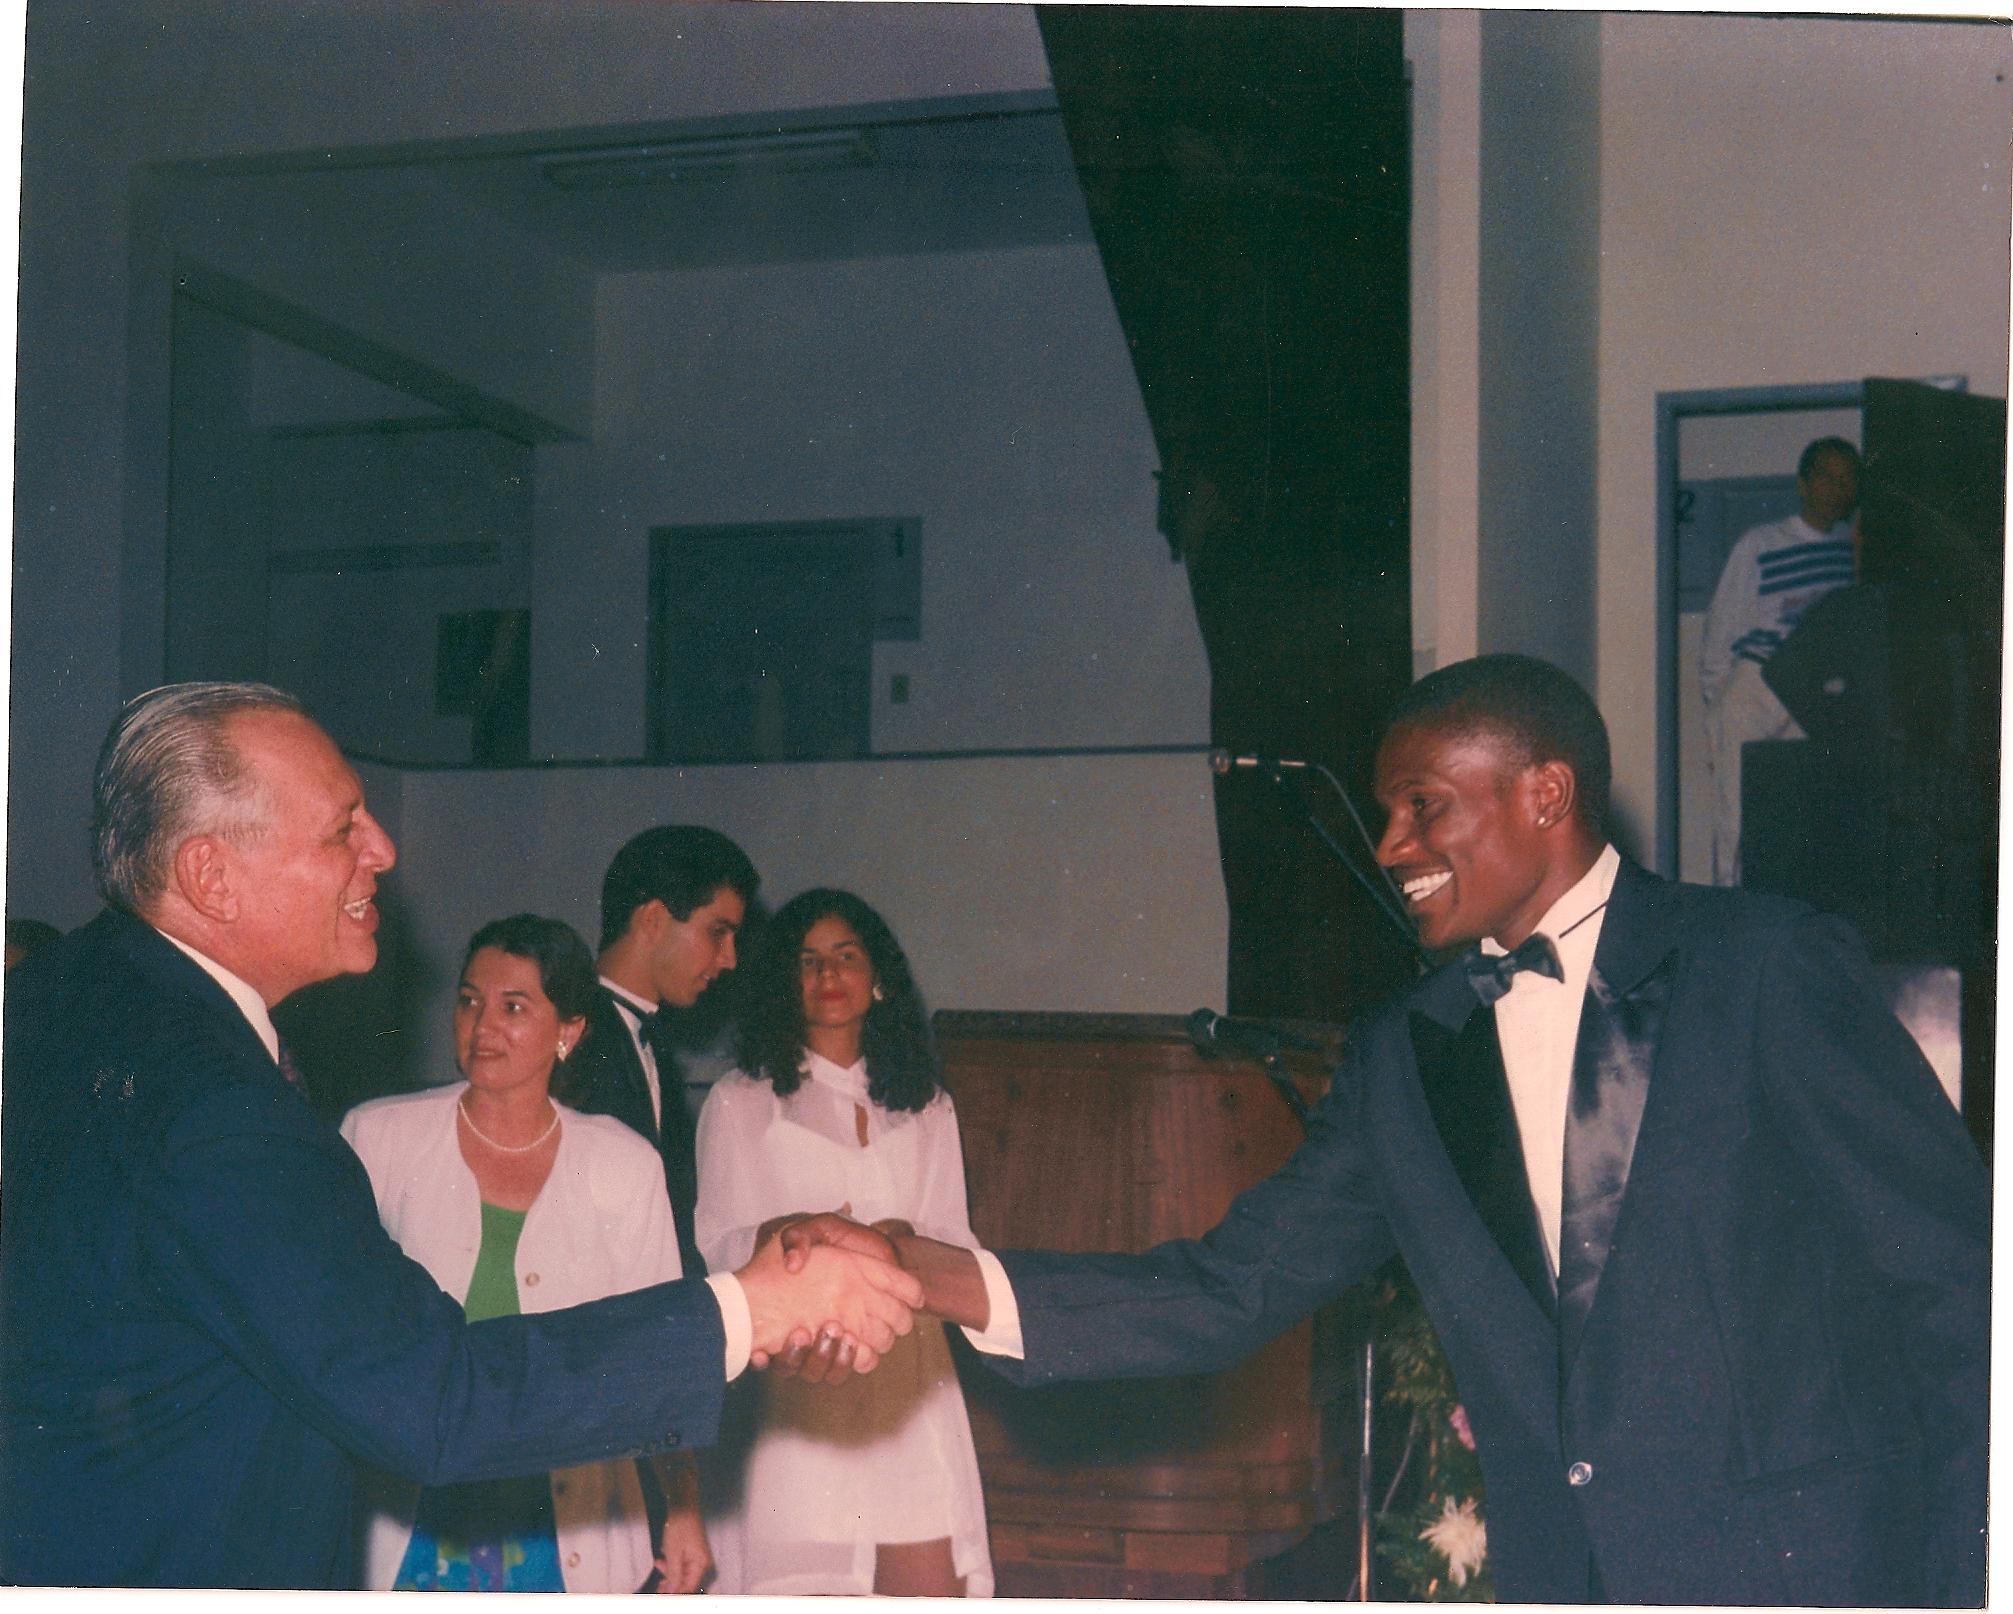 Edson Cardoso, o Jacaré, na formatura do curso de Eletrotécnica pela Escola Técnica Federal da Bahia, em 1993